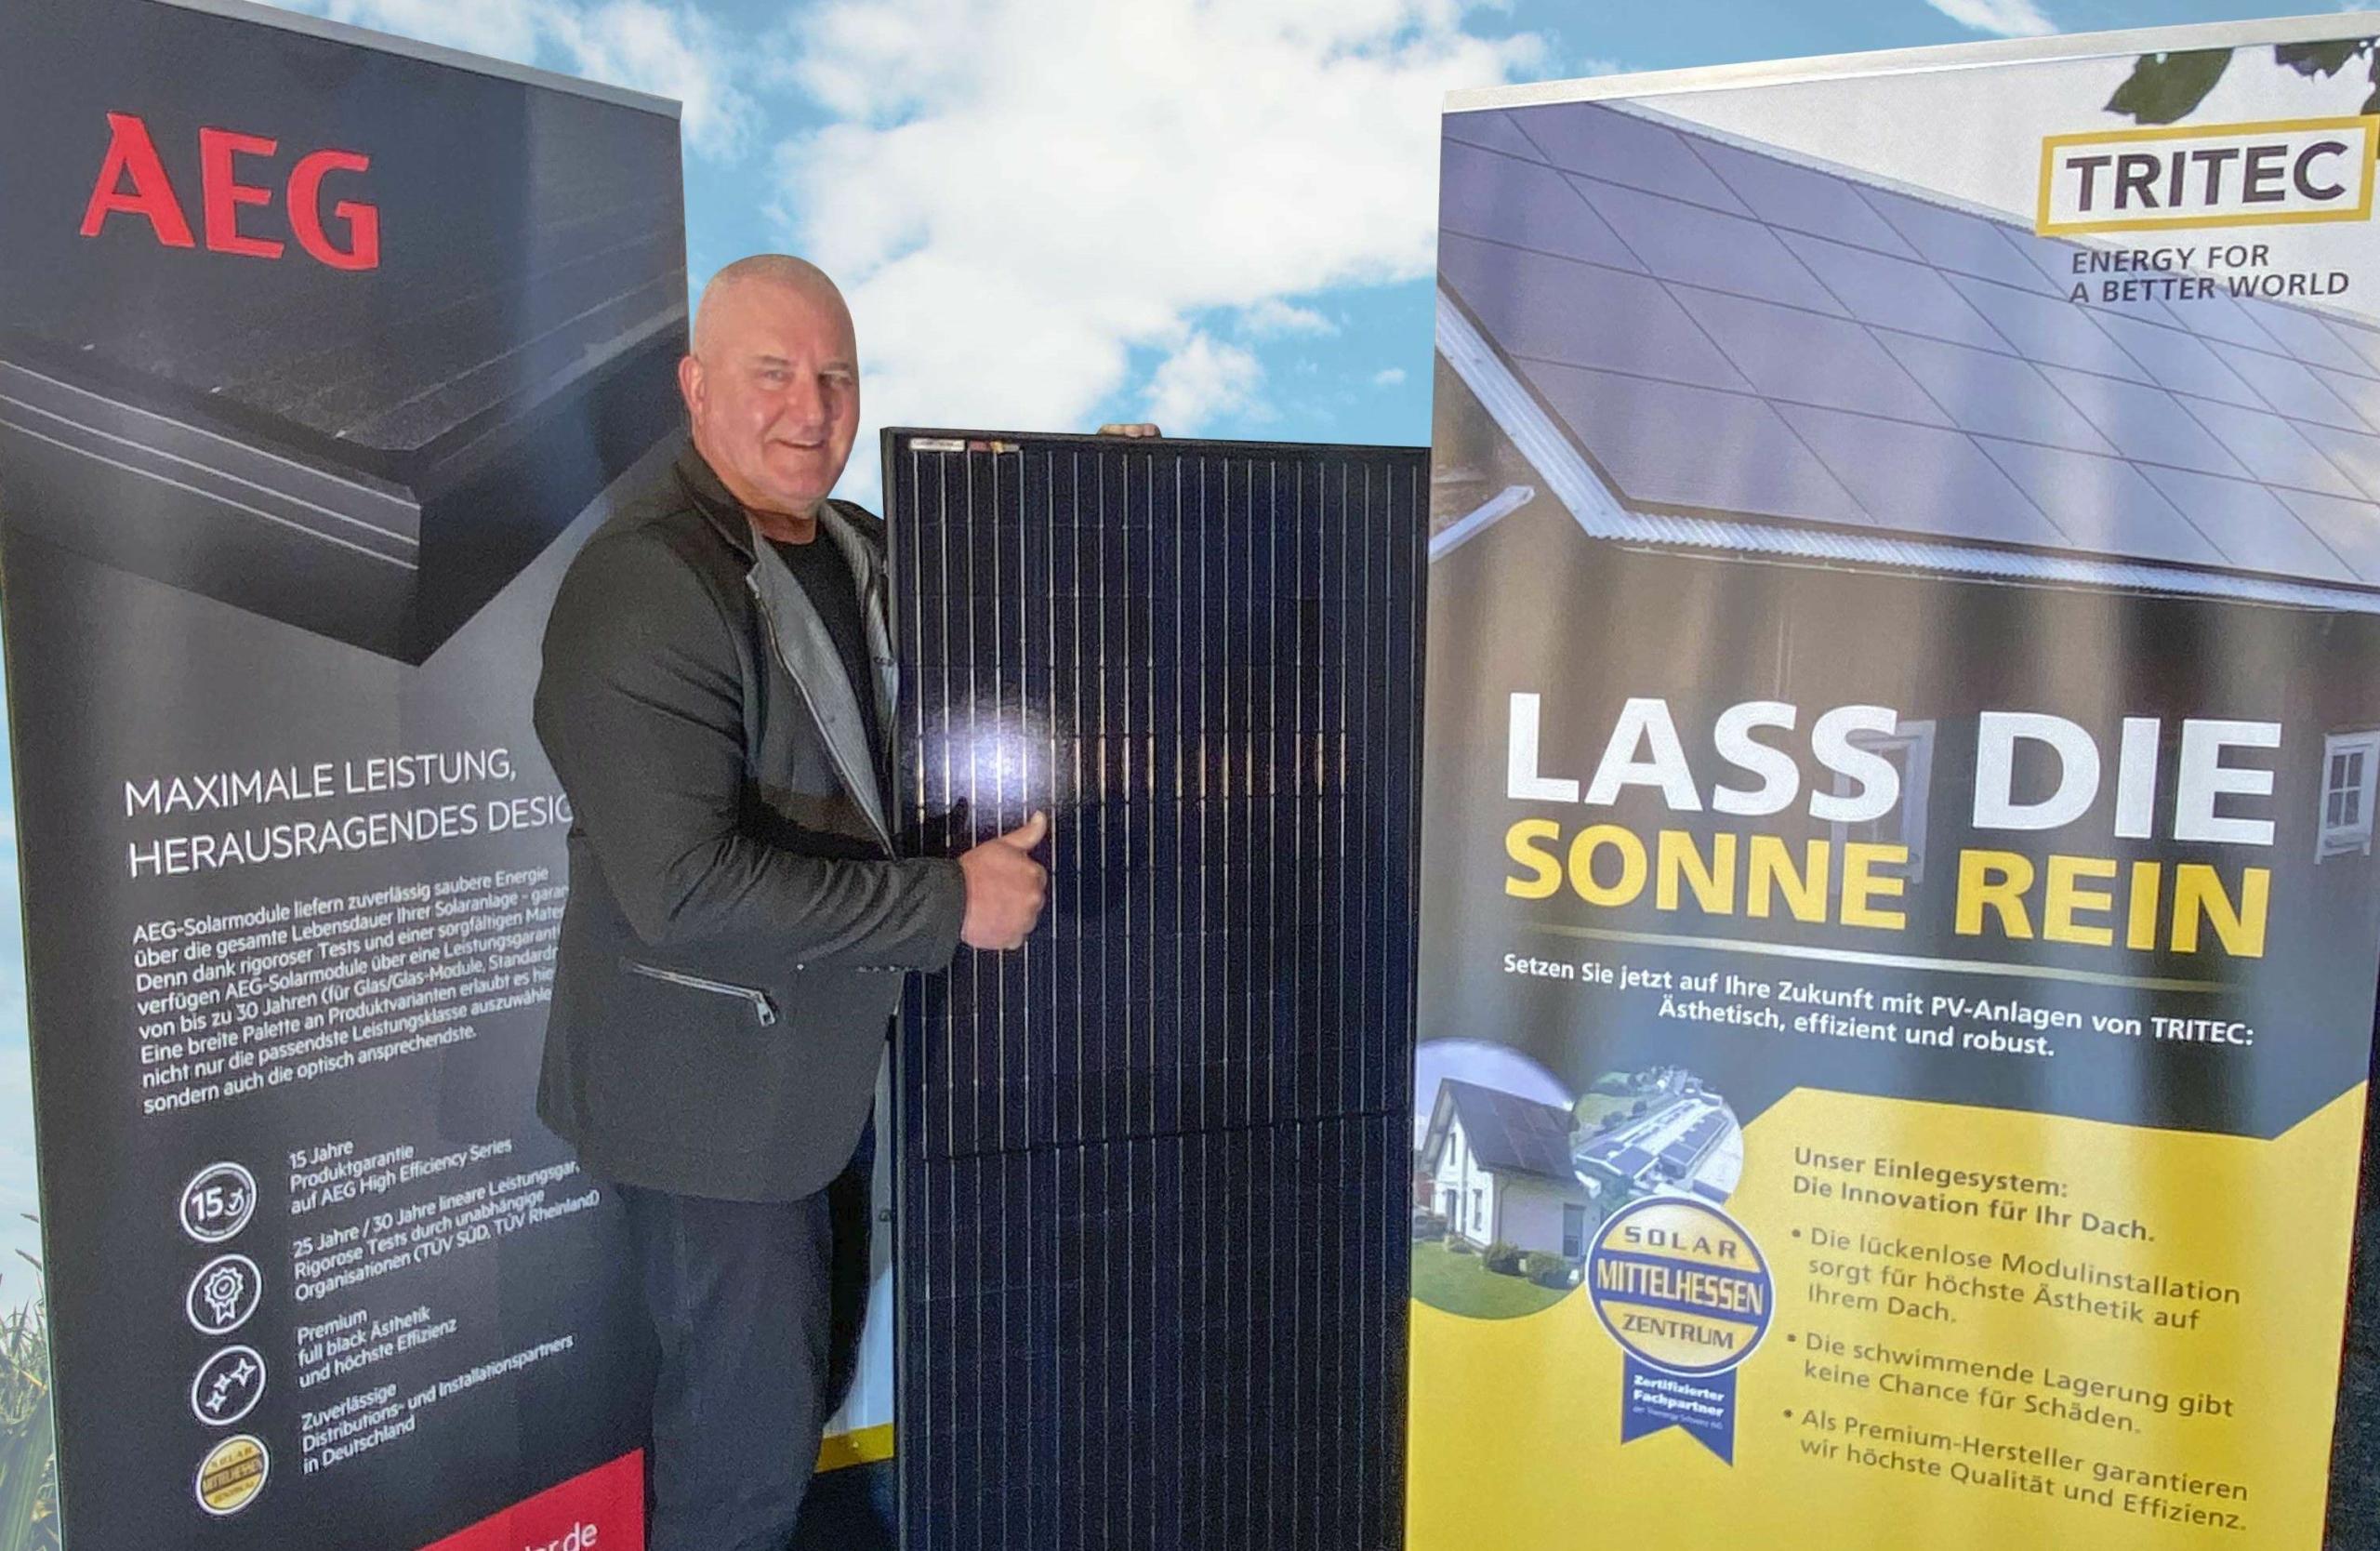 Neuer Vertriebspartner: Solarzentrum-Mittelhessen GmbH 1